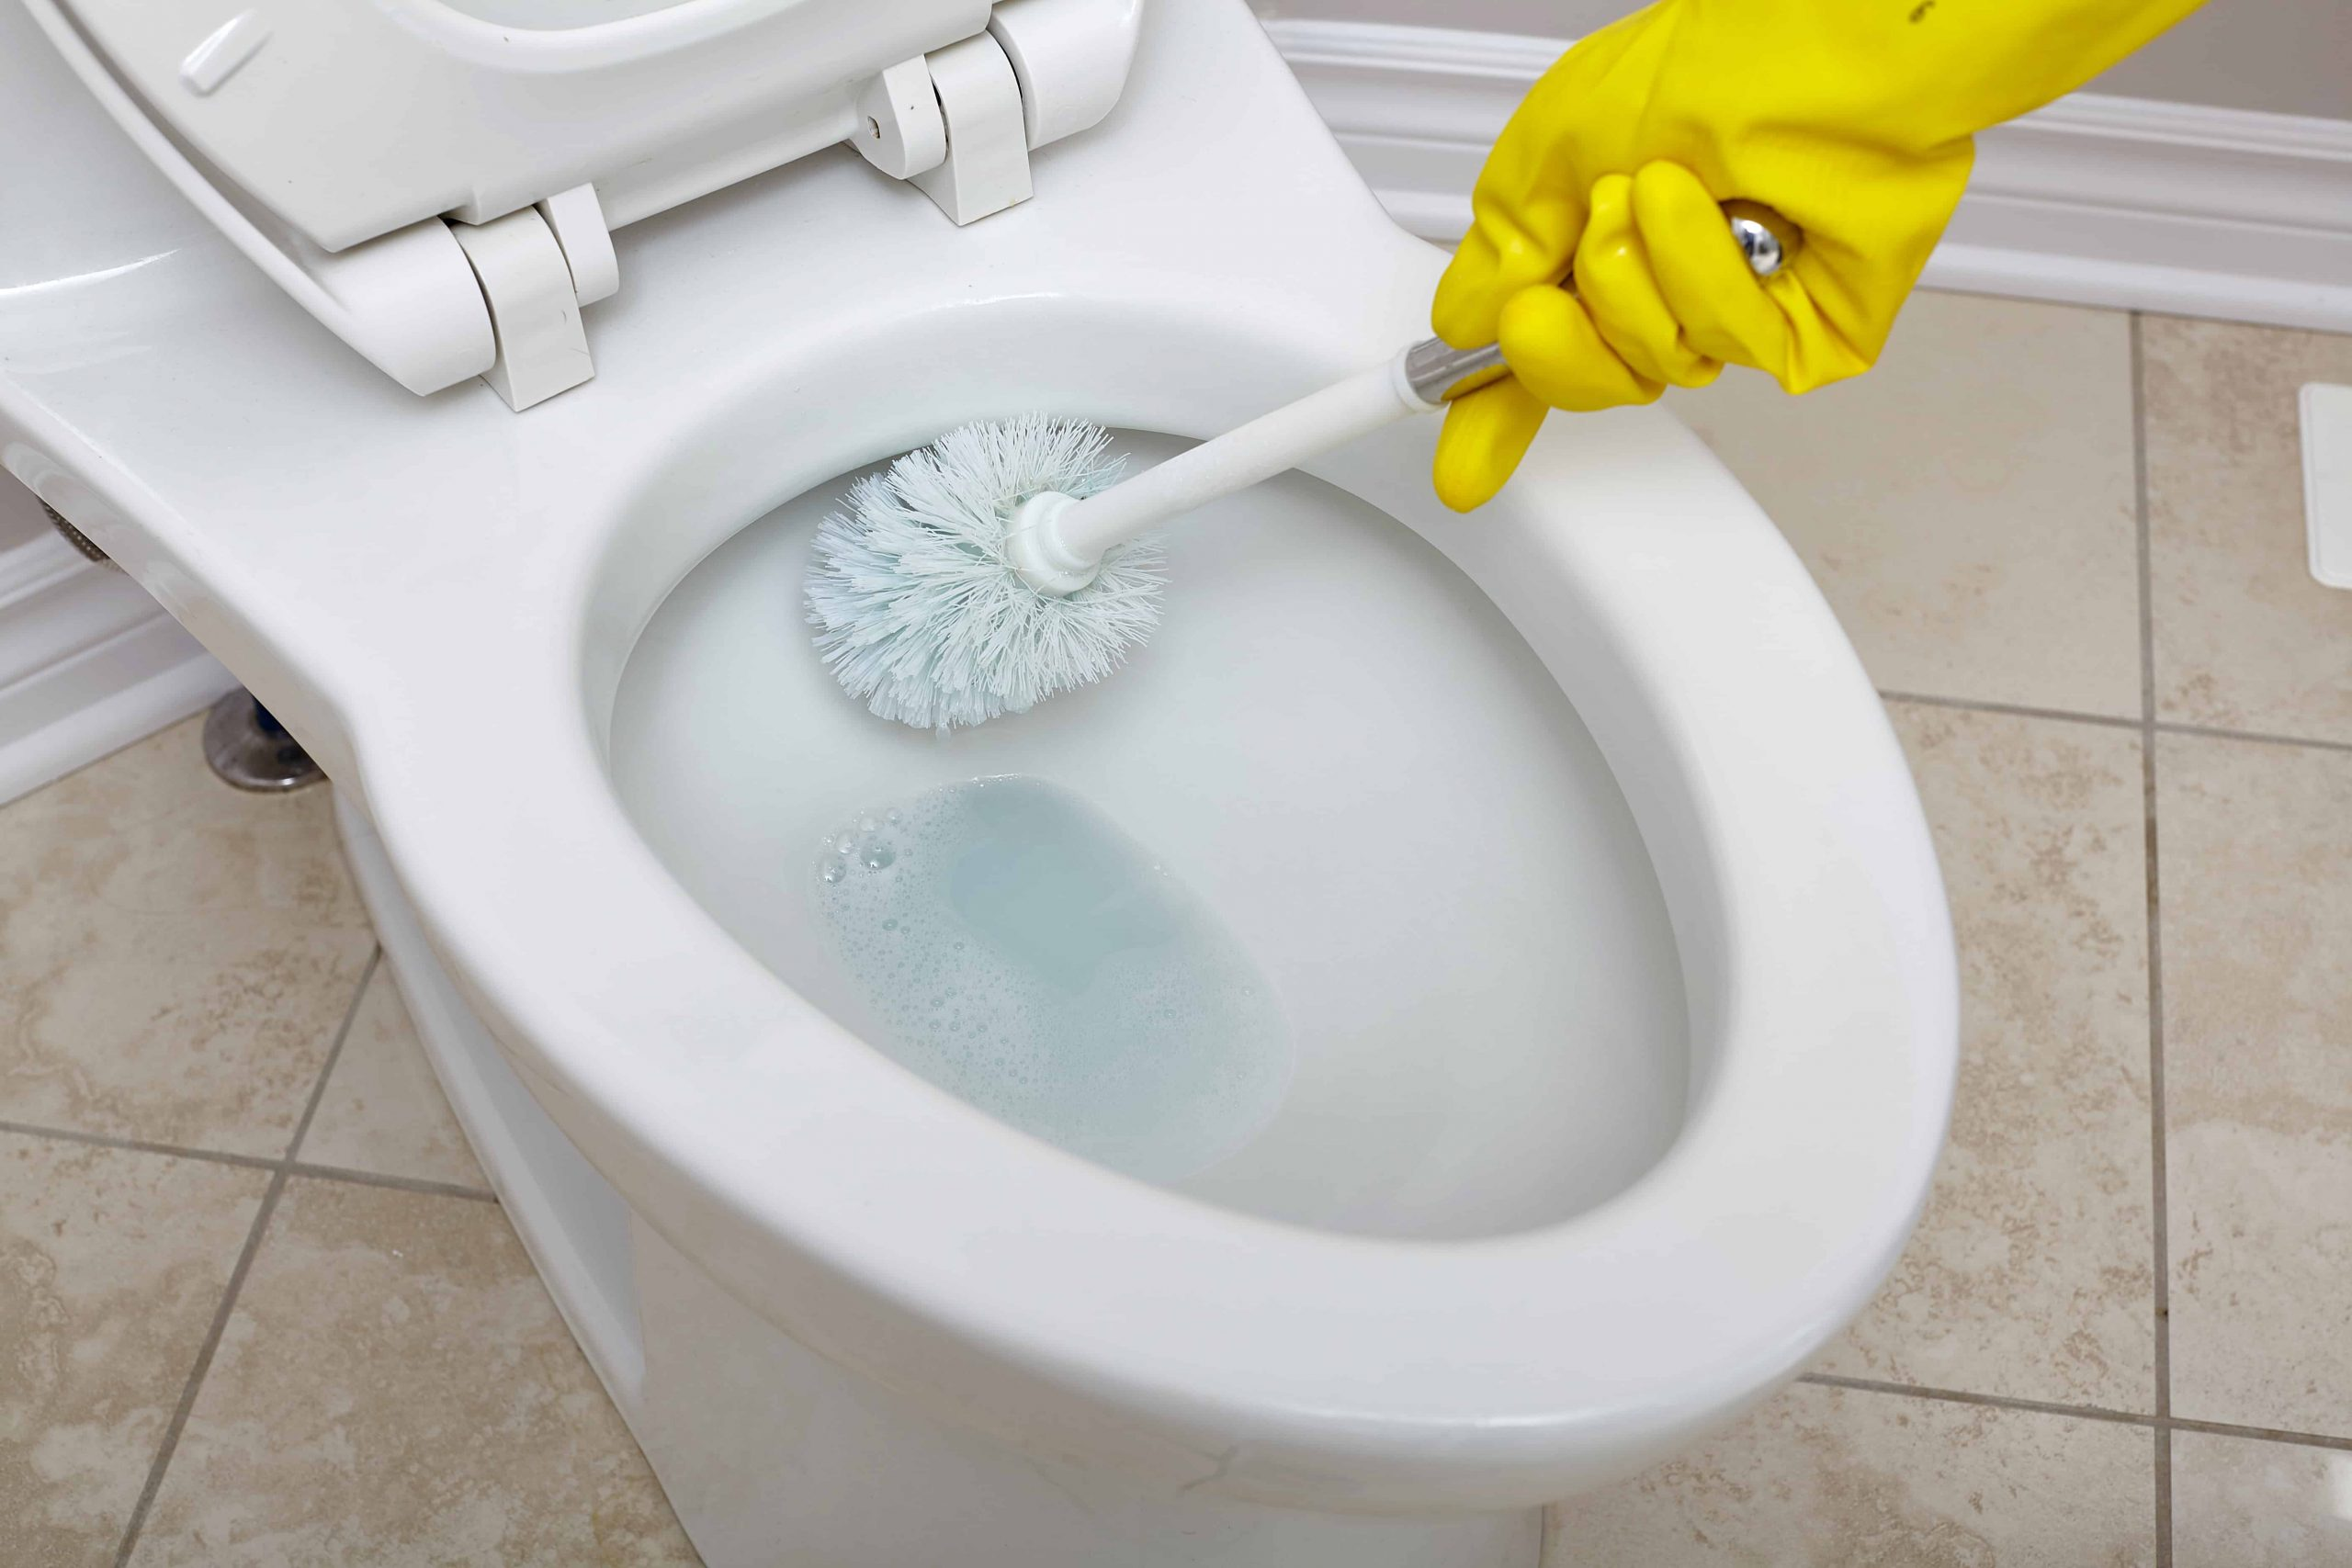 Toilettenbürste: Test & Empfehlungen (08/20)